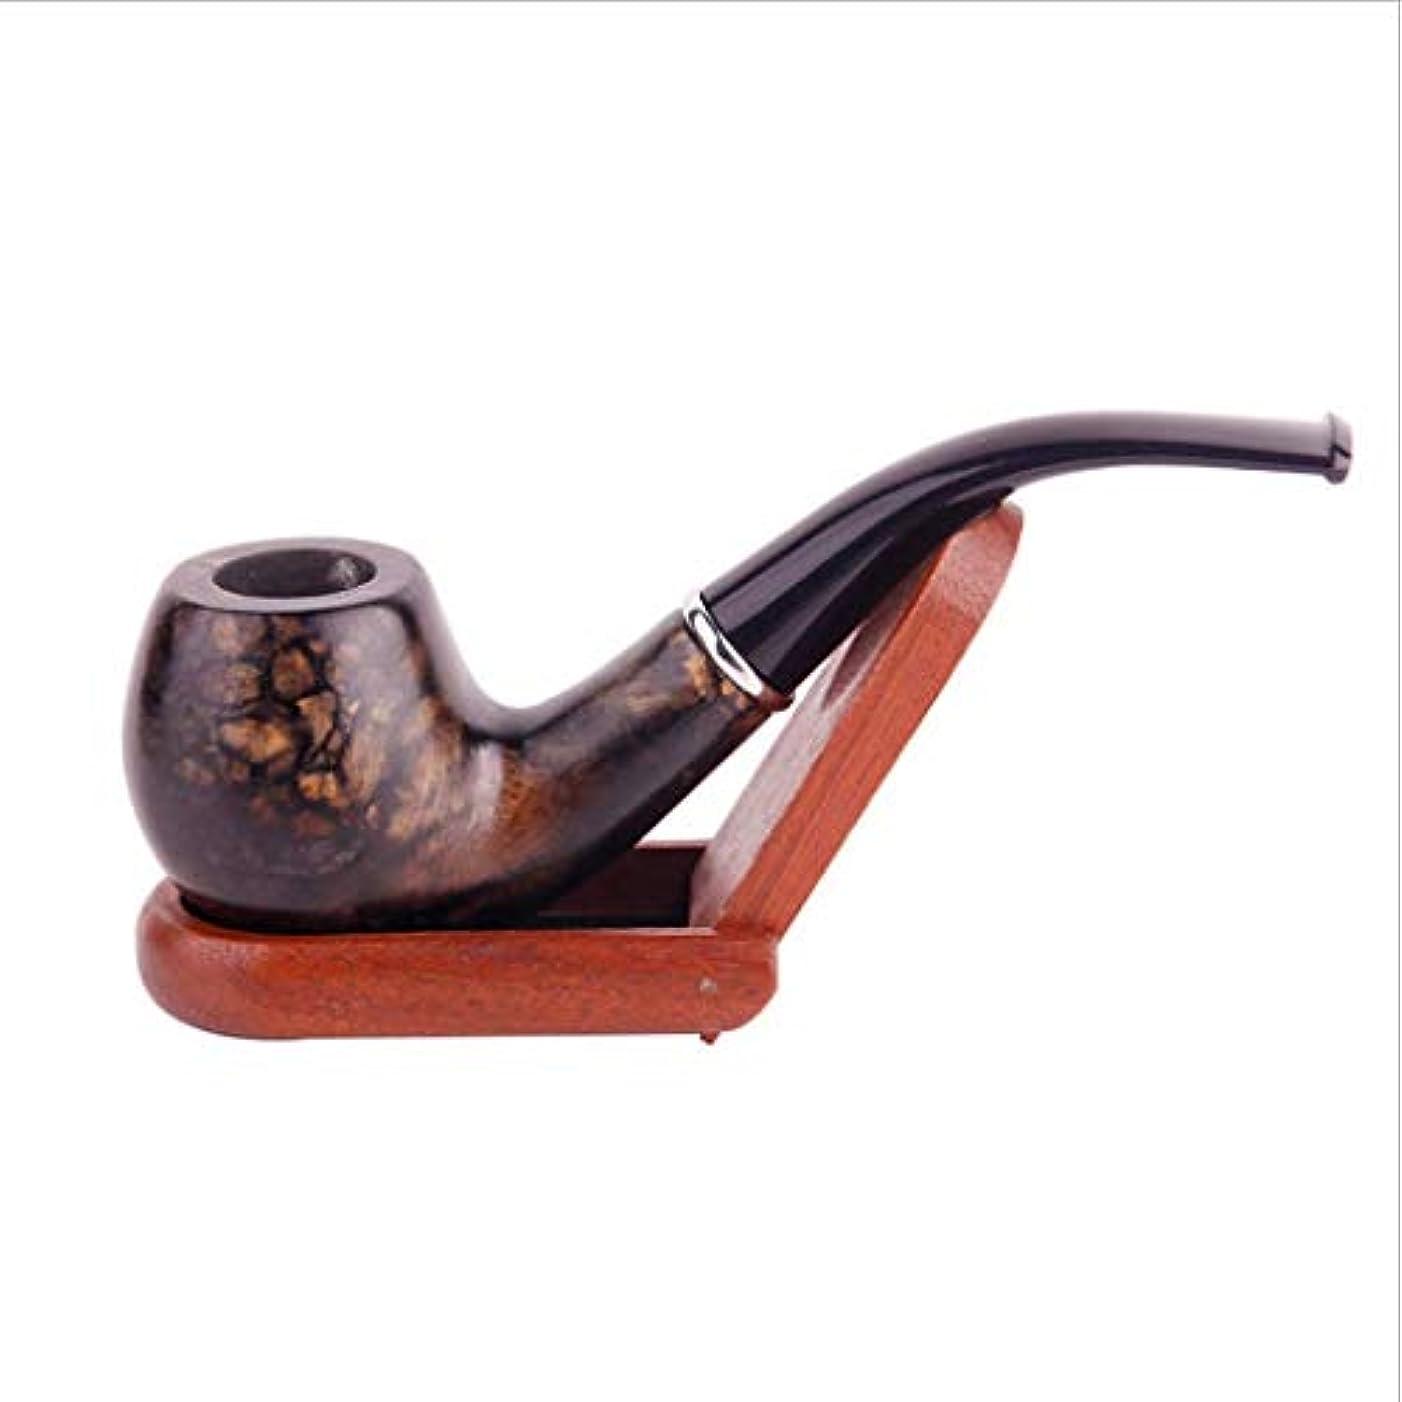 古典的な取り外し可能なタバコの喫煙パイプ取り外し可能な曲げ喫煙パイプポータブル純木喫煙パイプ付きダークパターン